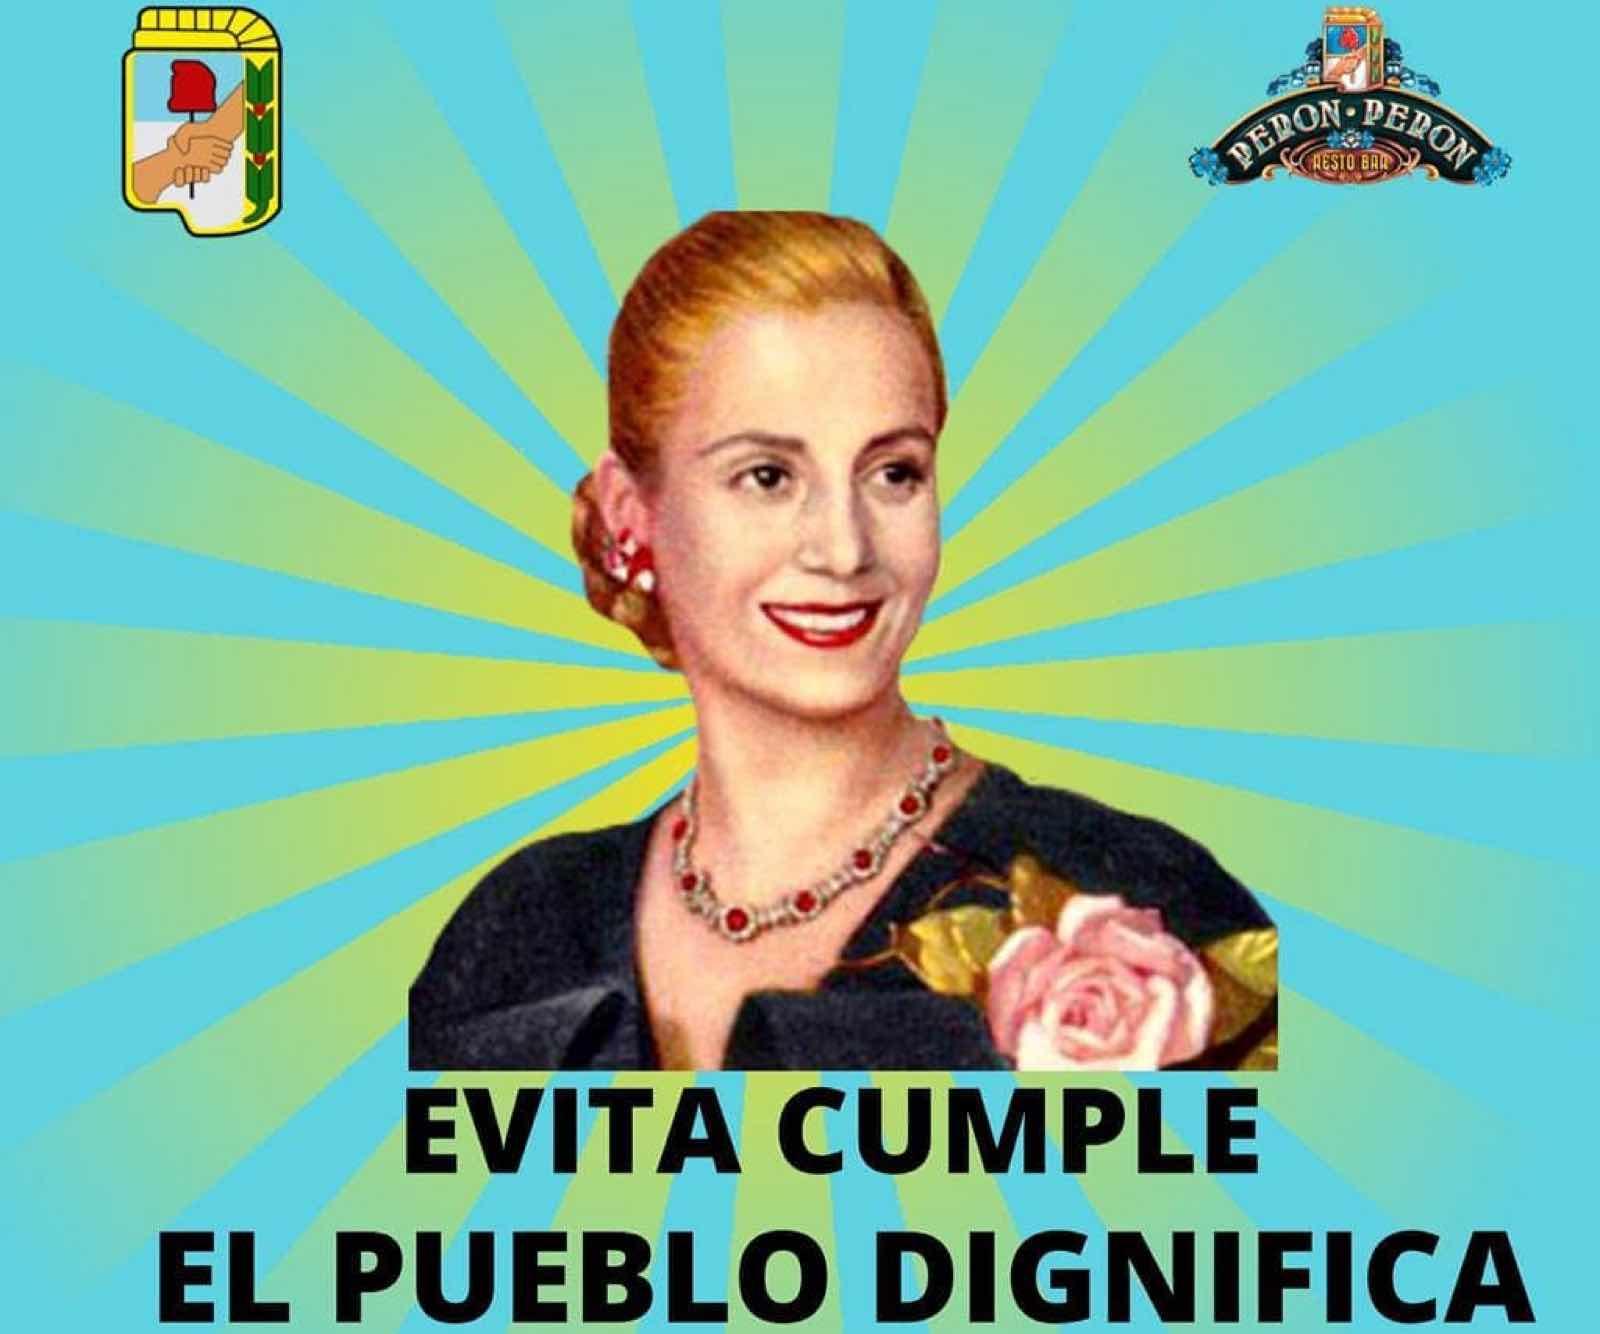 Plakat med Evita Peron på veggen - og et ordtak om å møte mennesker